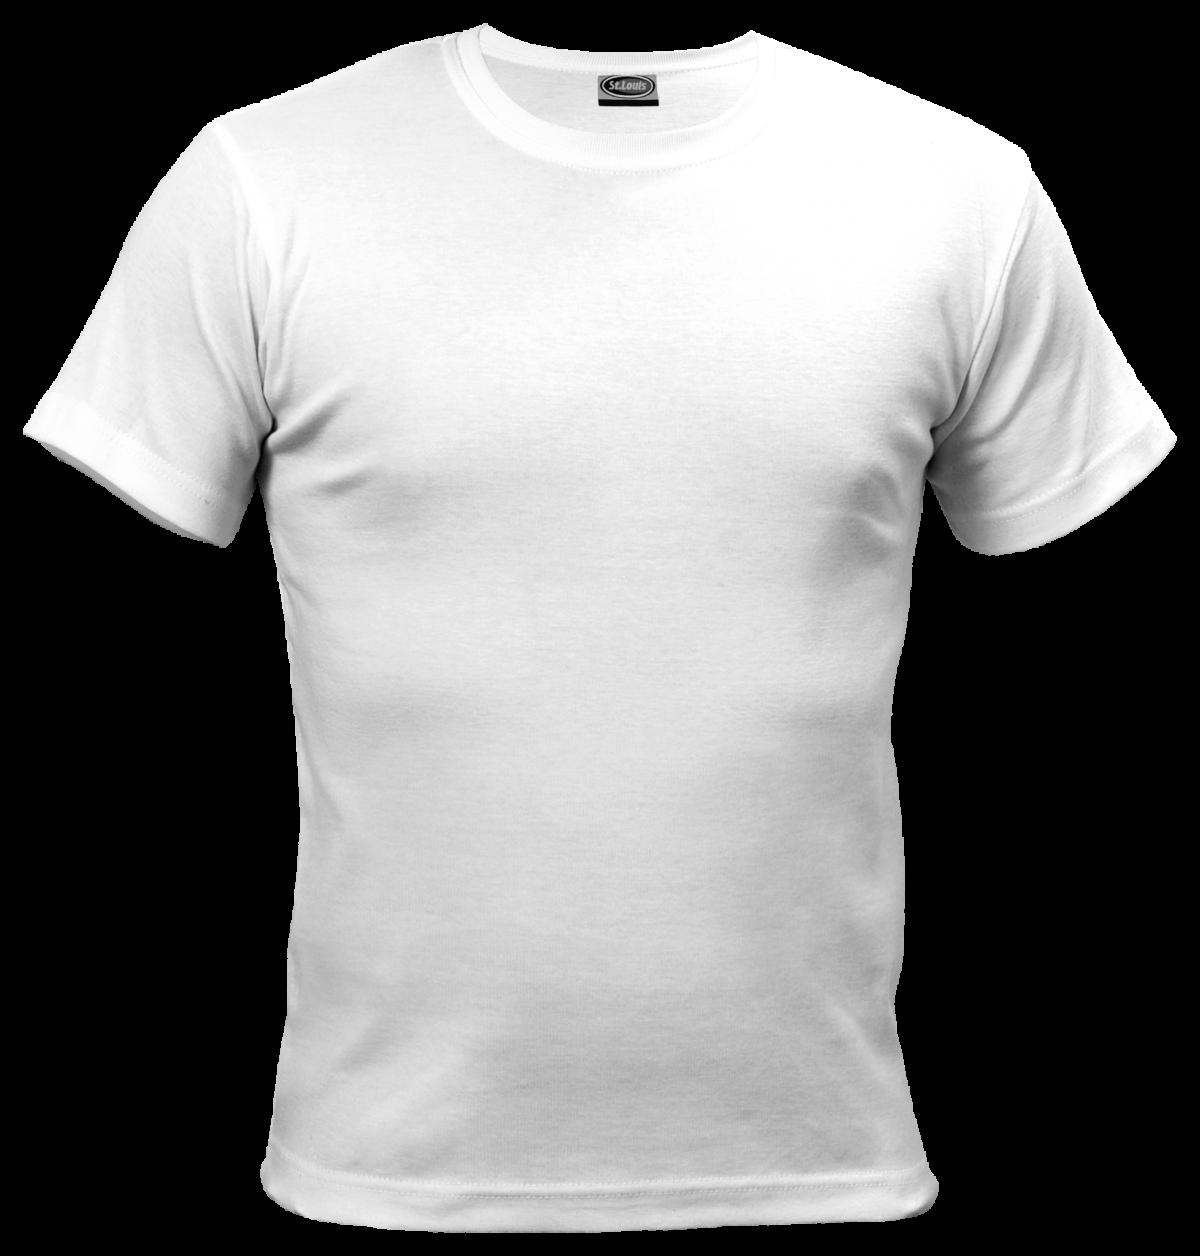 10 pk. HVIT T SHIRT T skjorter Barnehageprofil.no v